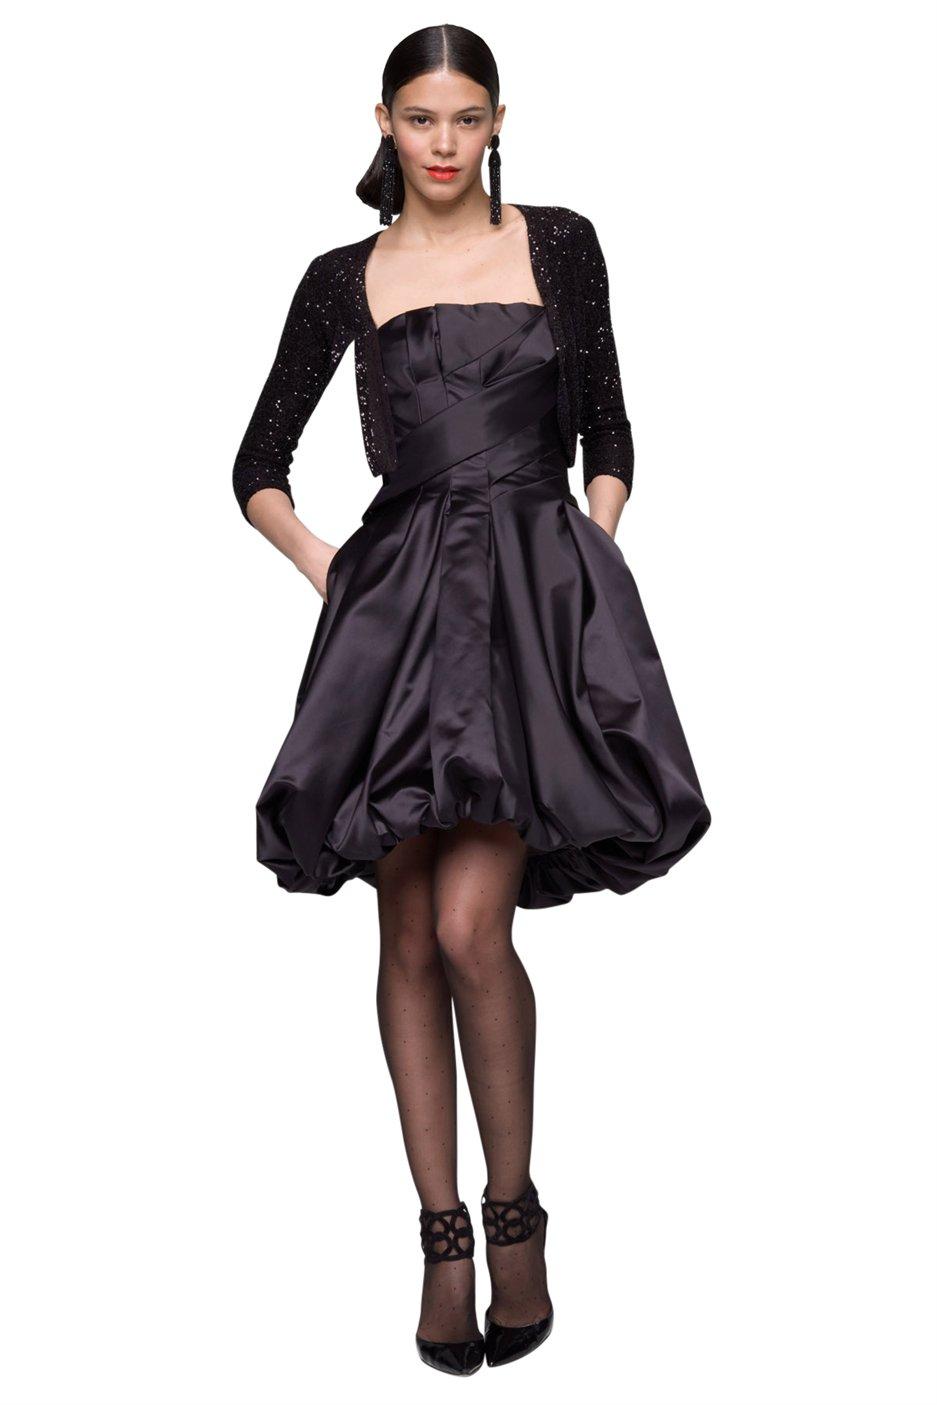 Oscar de la renta Duchess Satin Strapless Bubble Dress in Black | Lyst